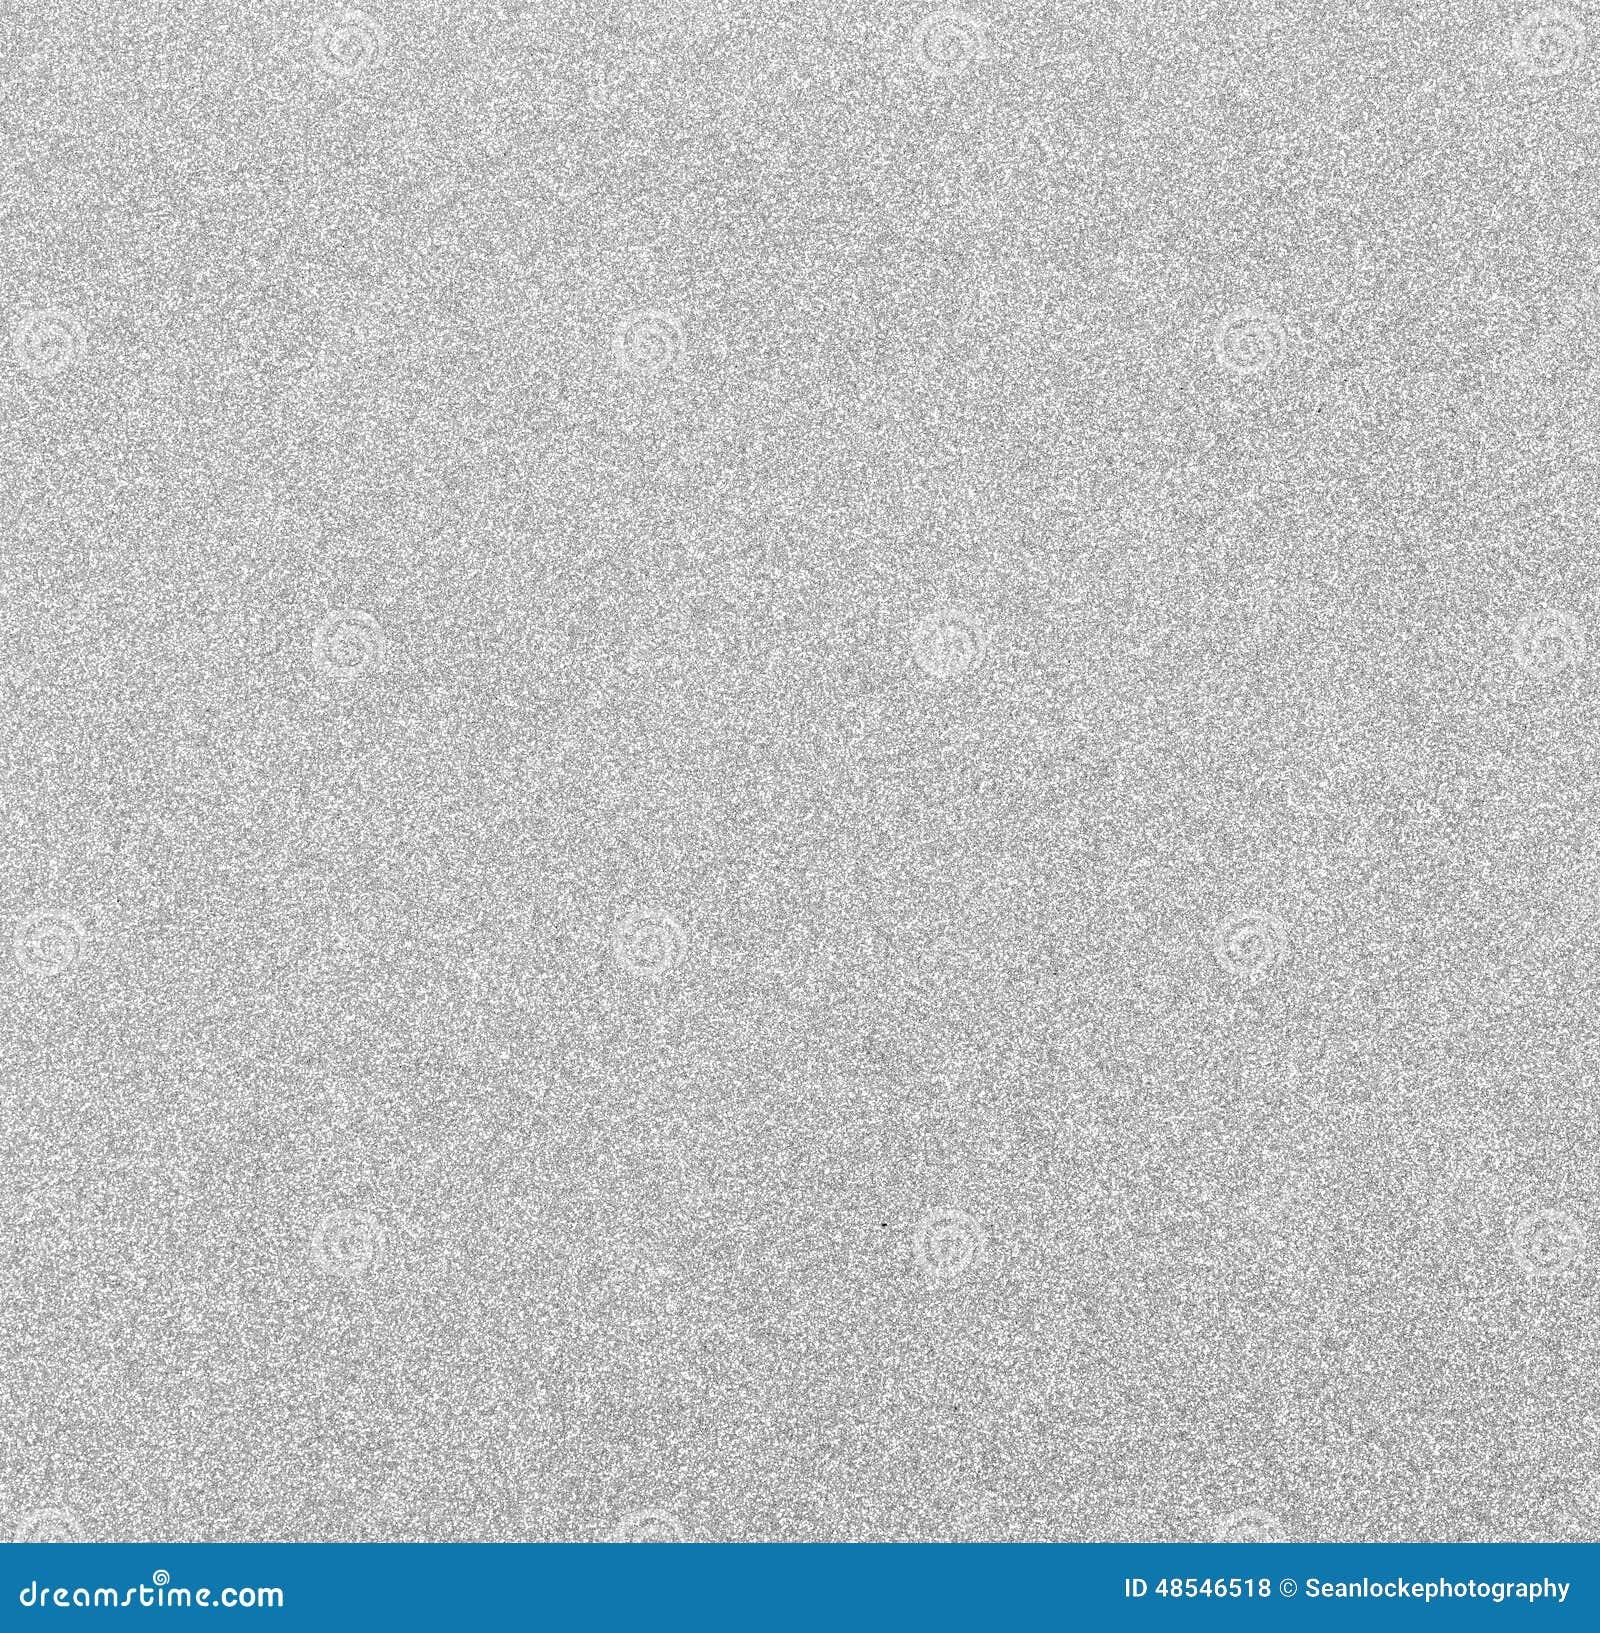 Blänka: Silver blänker bakgrund